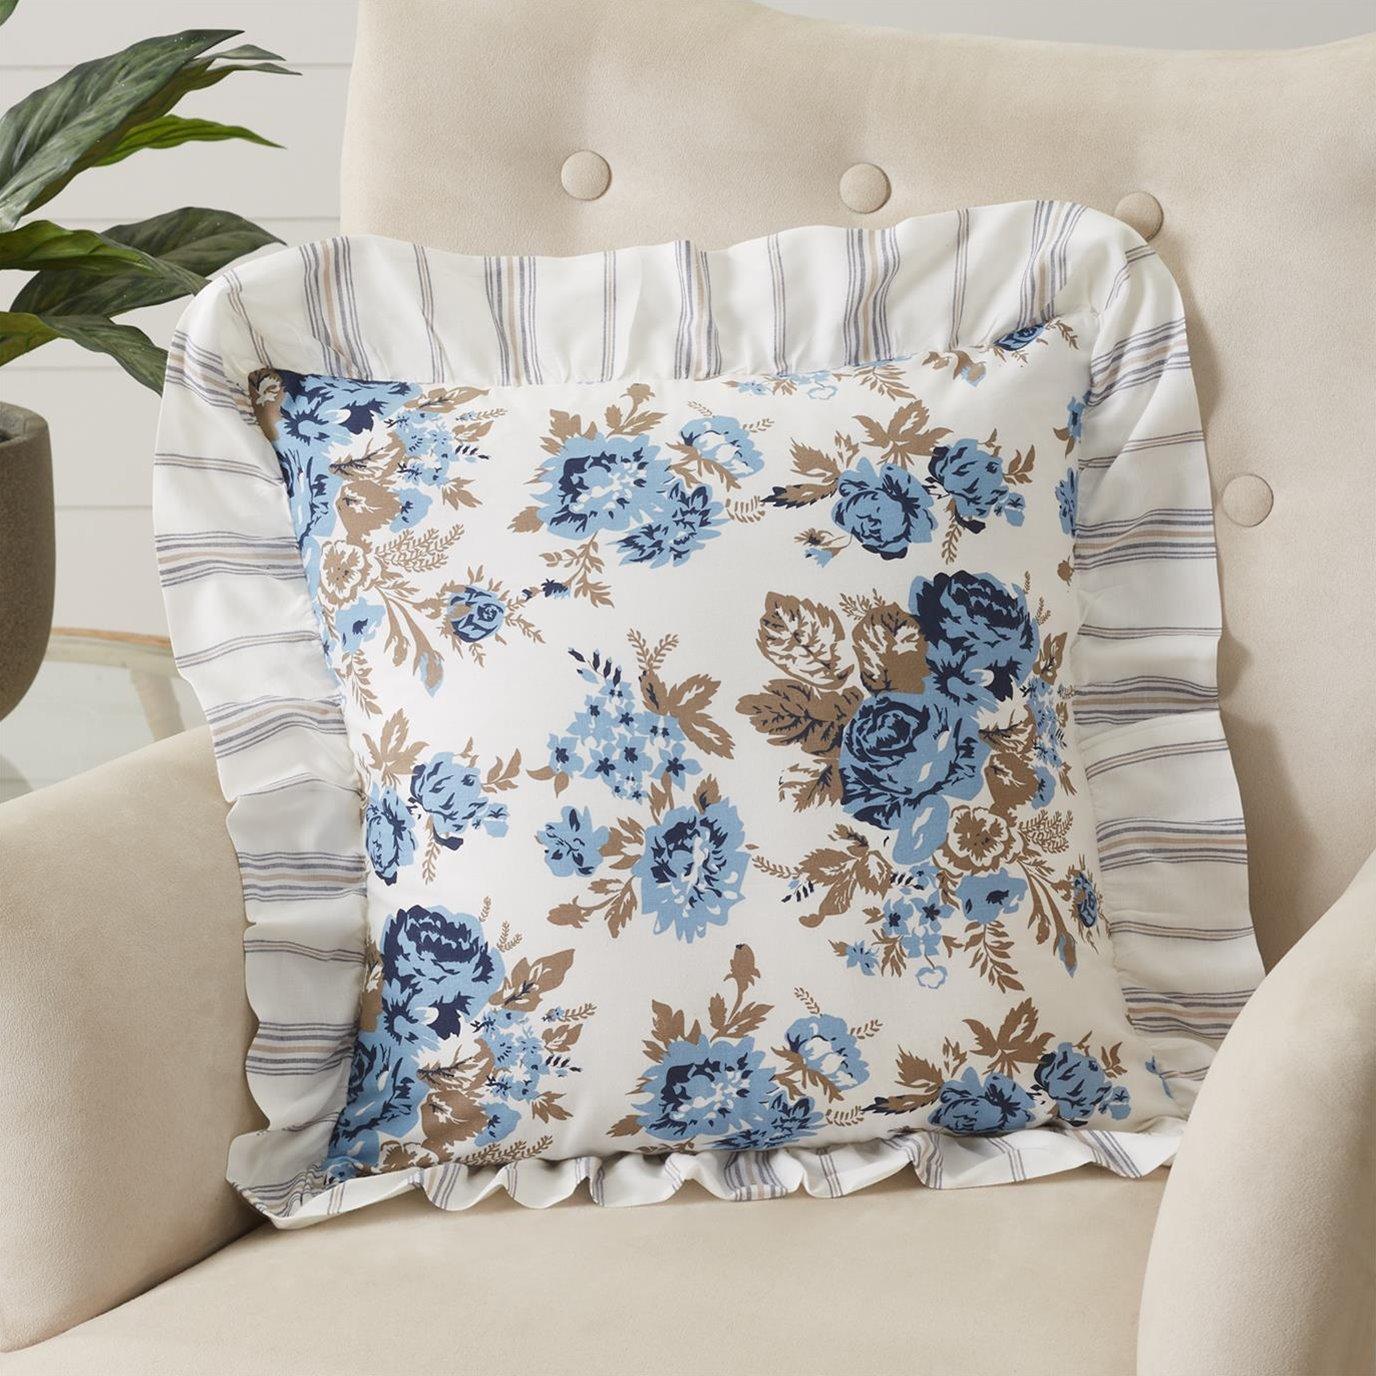 Annie Blue Floral Ruffled Pillow 18x18